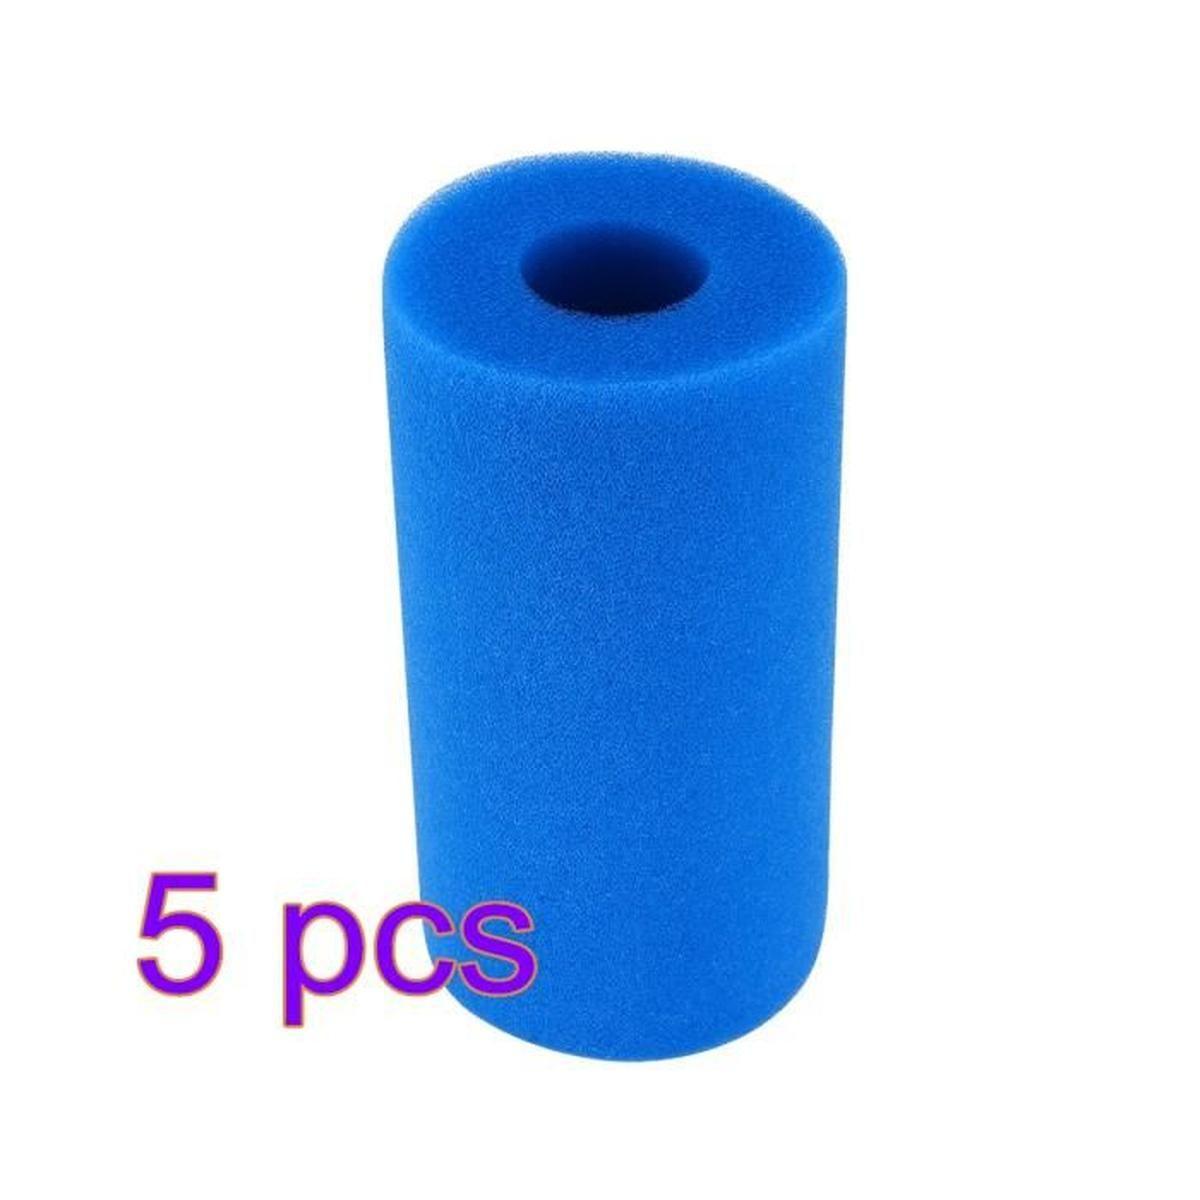 5Pcs Filtre À Eau De Piscine Intex Type A Filtre De Piscine Lavable  Réutilisable Éponge De Cartouche De Mousse concernant Pompe Filtration Piscine Hors Sol Intex